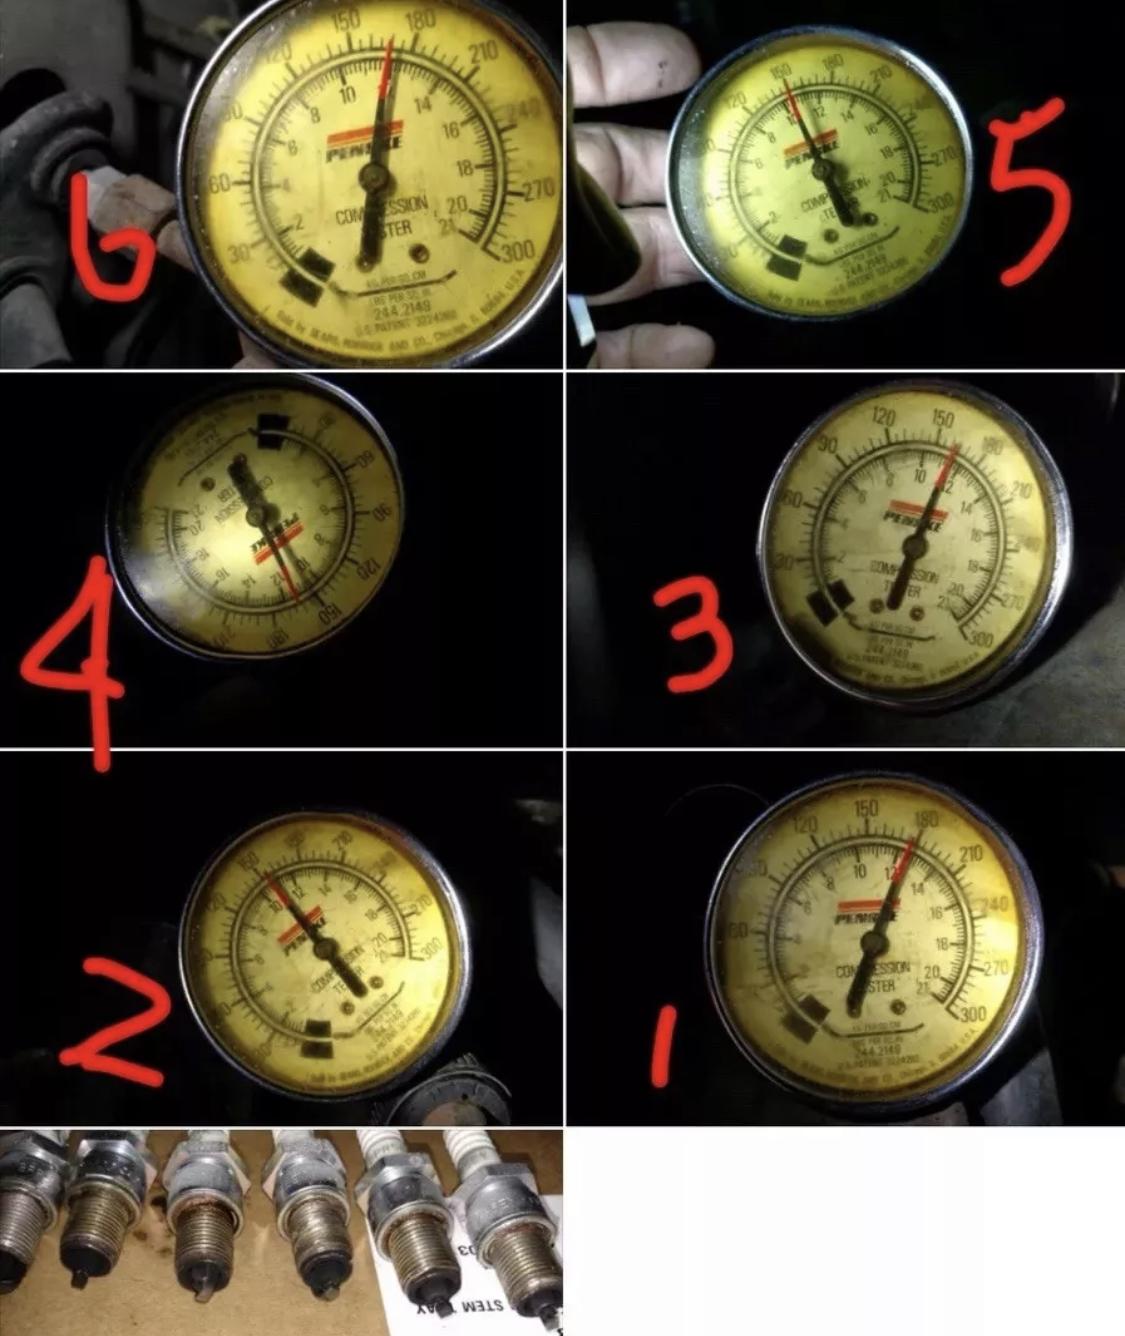 6B1E312C-9580-4A8E-AE8C-32AEC92CD956.jpeg